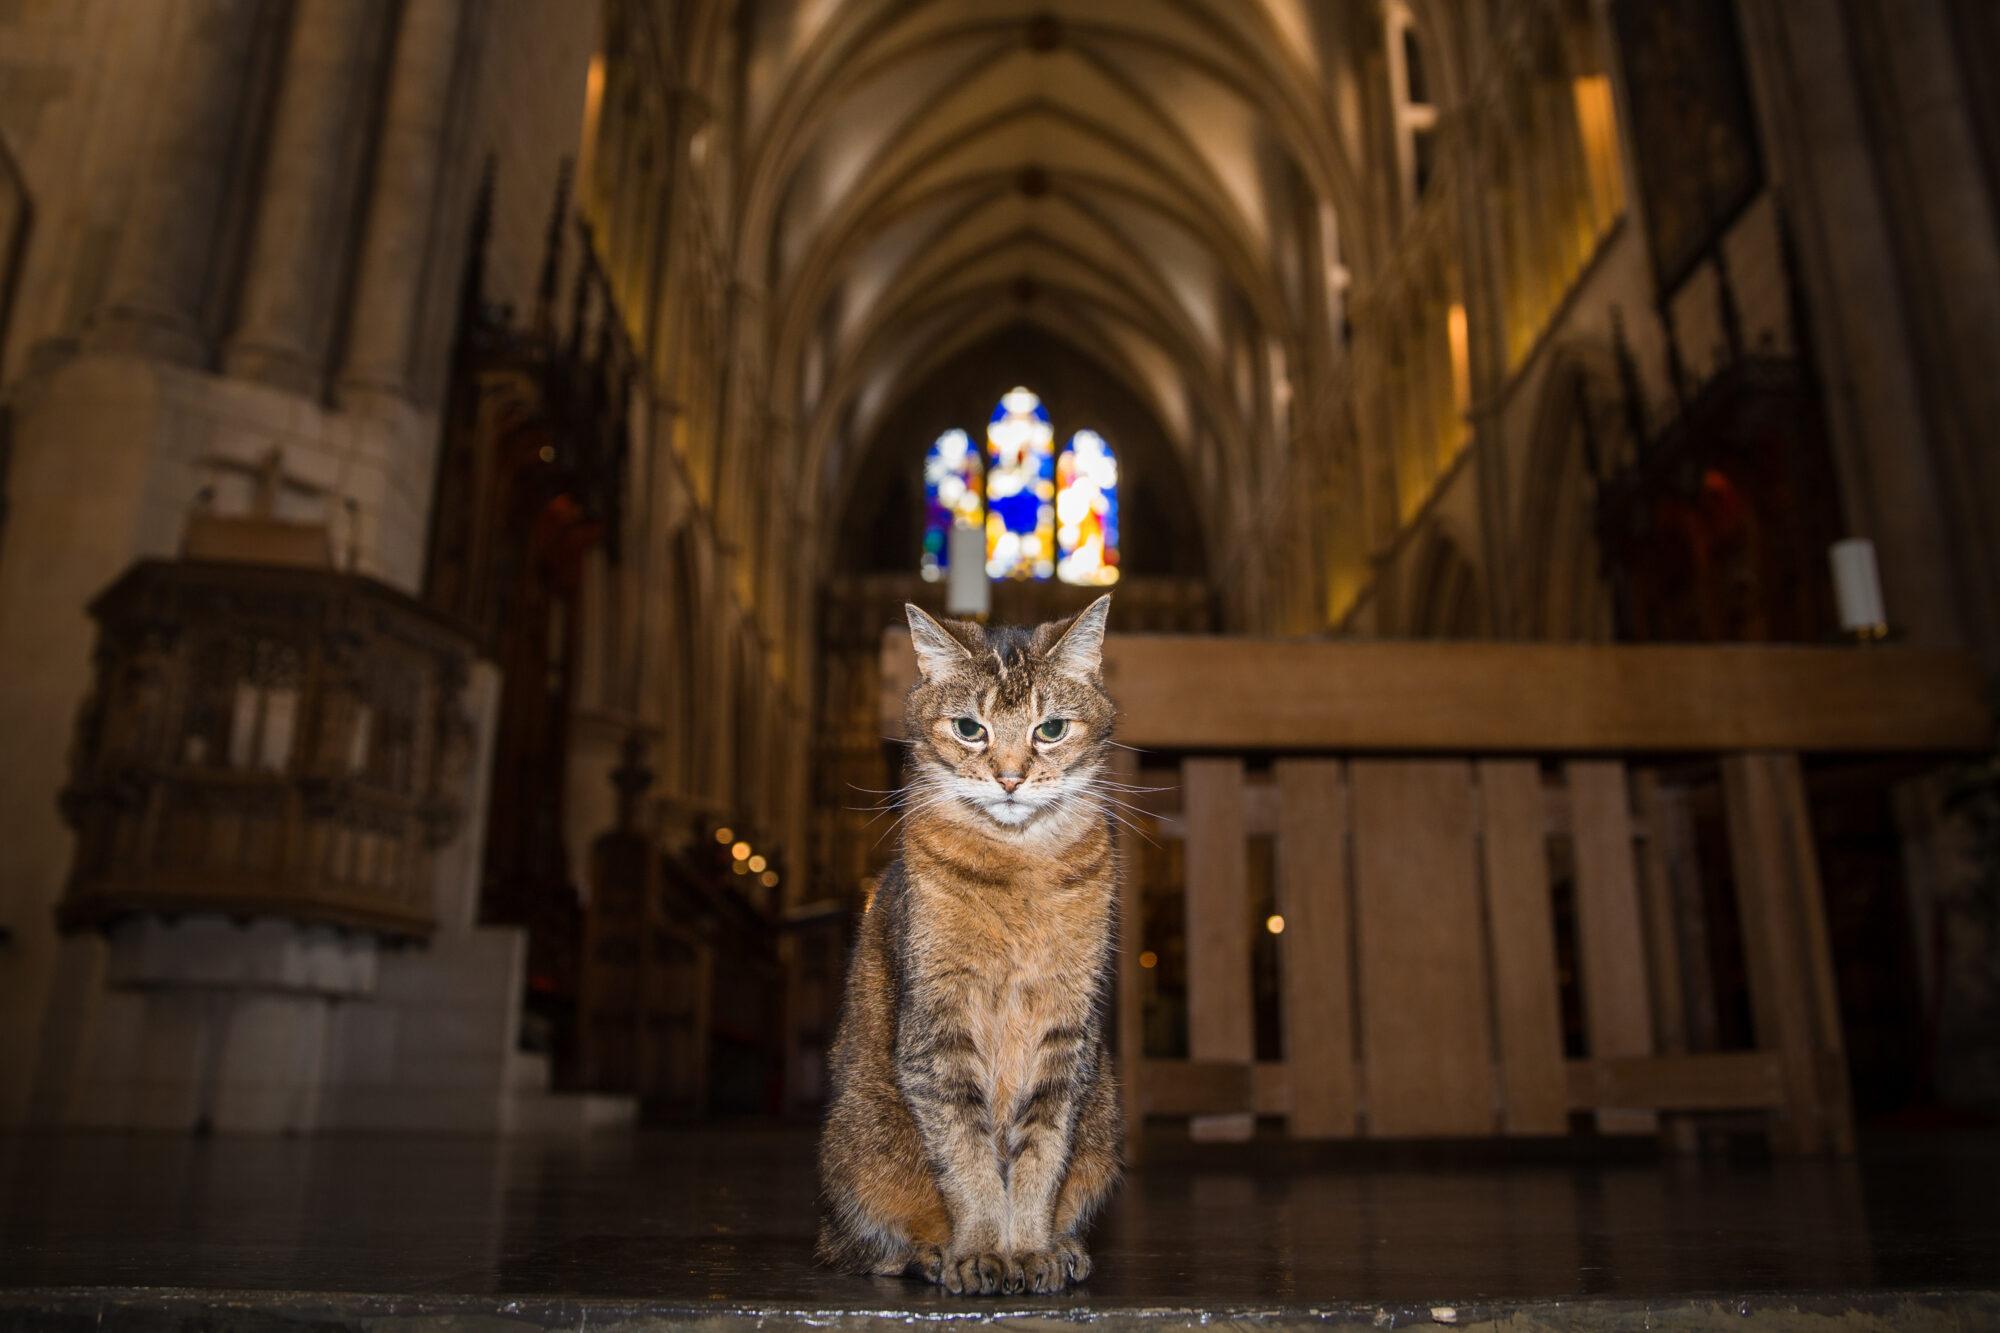 ある野良猫の追悼礼拝 ロンドン サザーク大聖堂